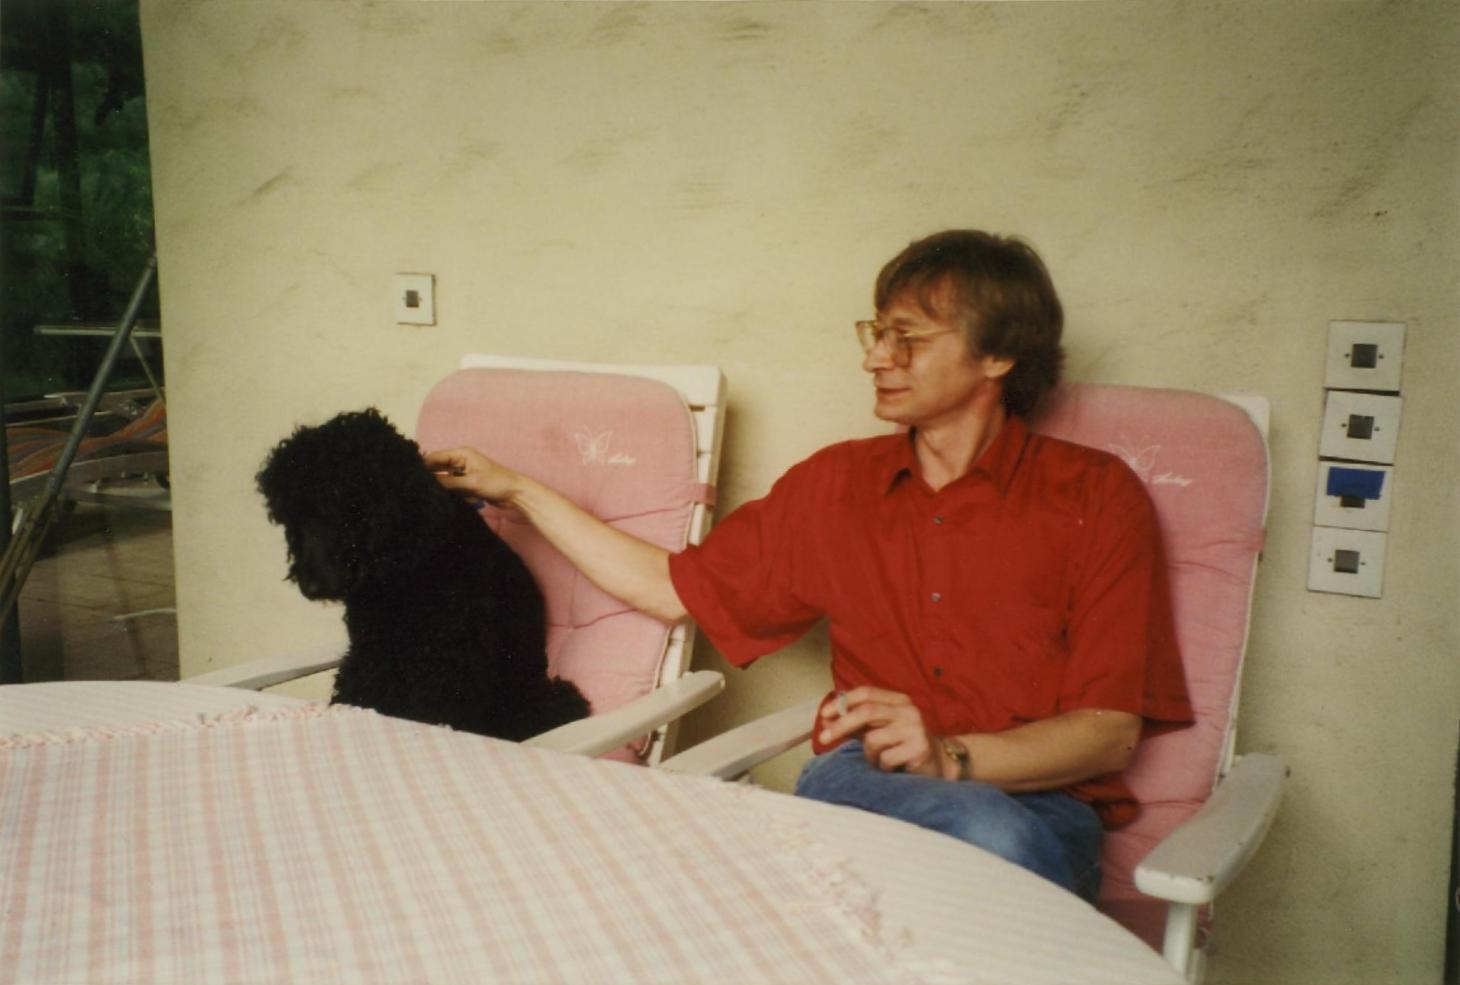 hans-hermann-hoppe-auf-der-terrasse-von-roland-baader-mit-gerard-radnitzkys-pudel-olga-juni-1995